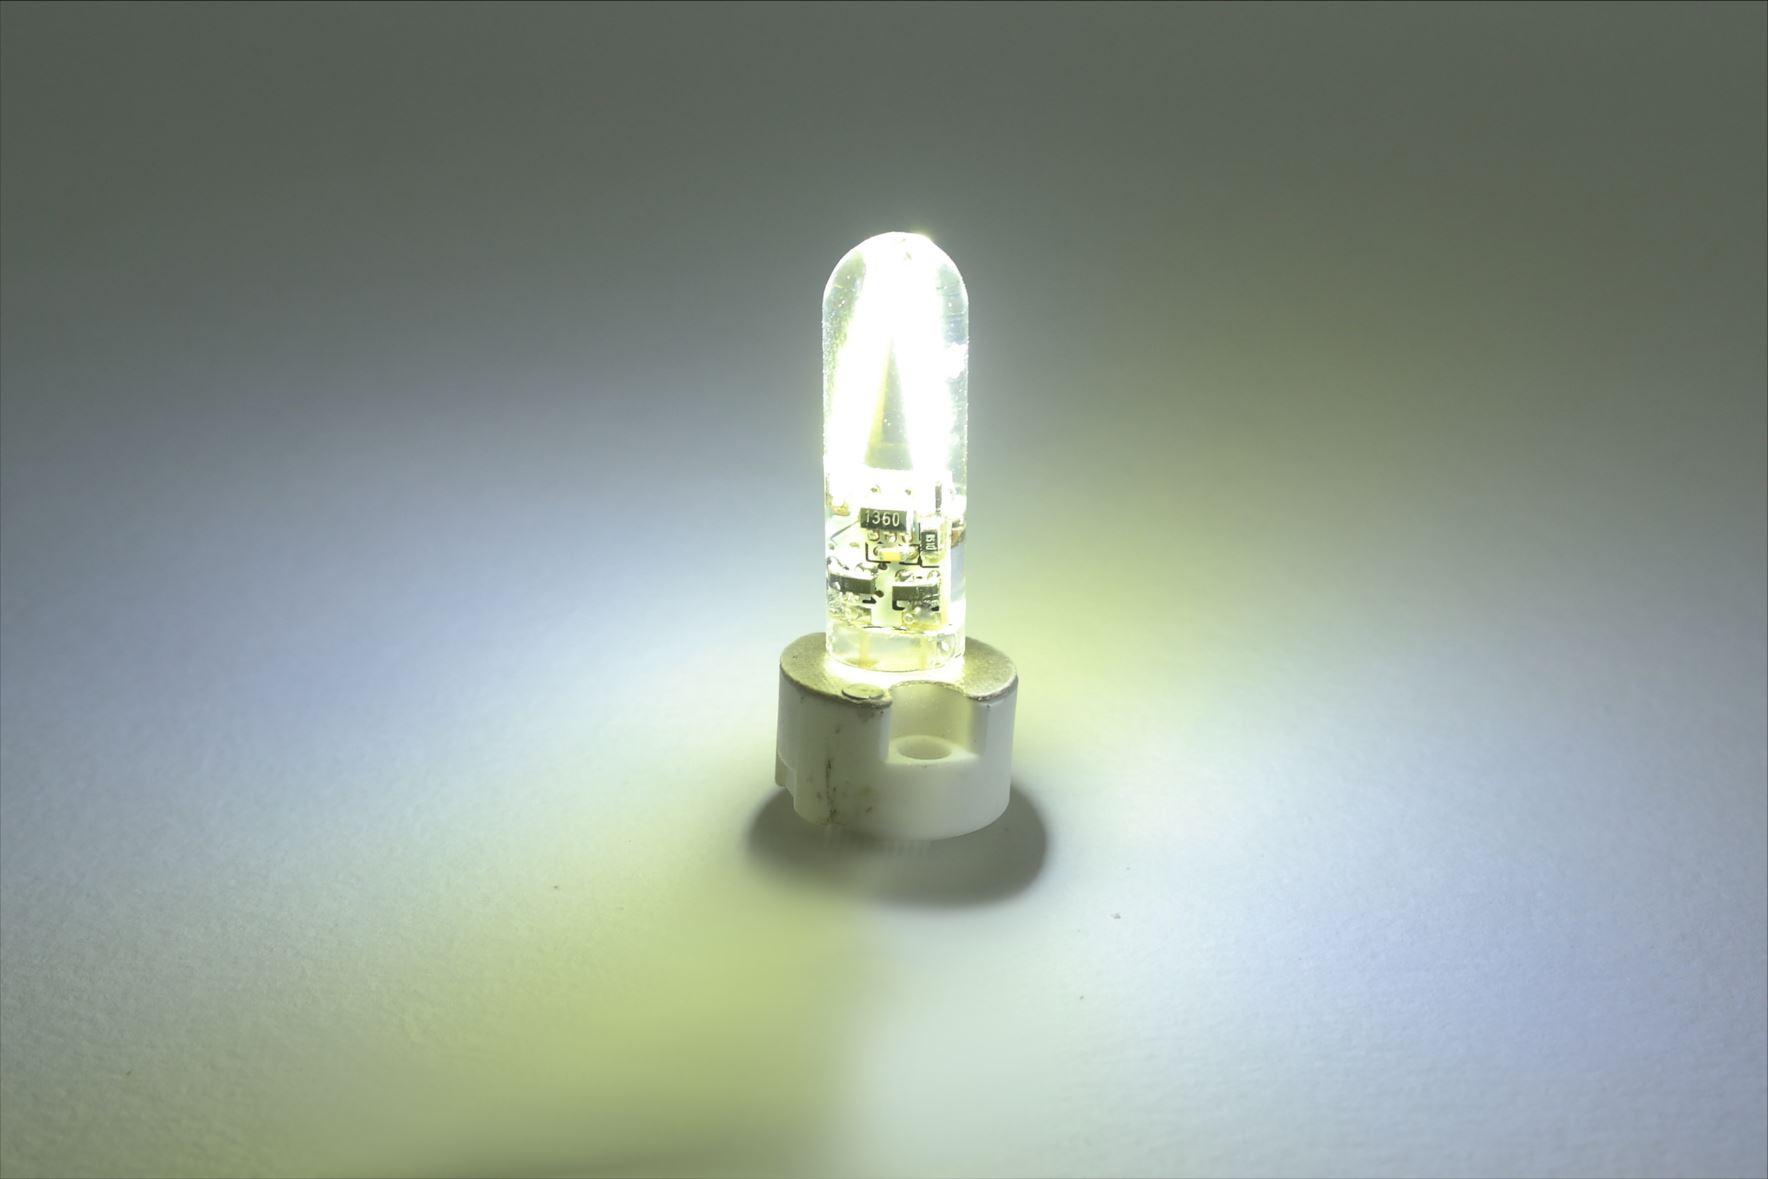 G4-LED-AC-DC-12V-220V-COB-Light-Bulb-Lamp-Car-Boat-Caravan-Direct-Halogen-Rep miniatuur 21